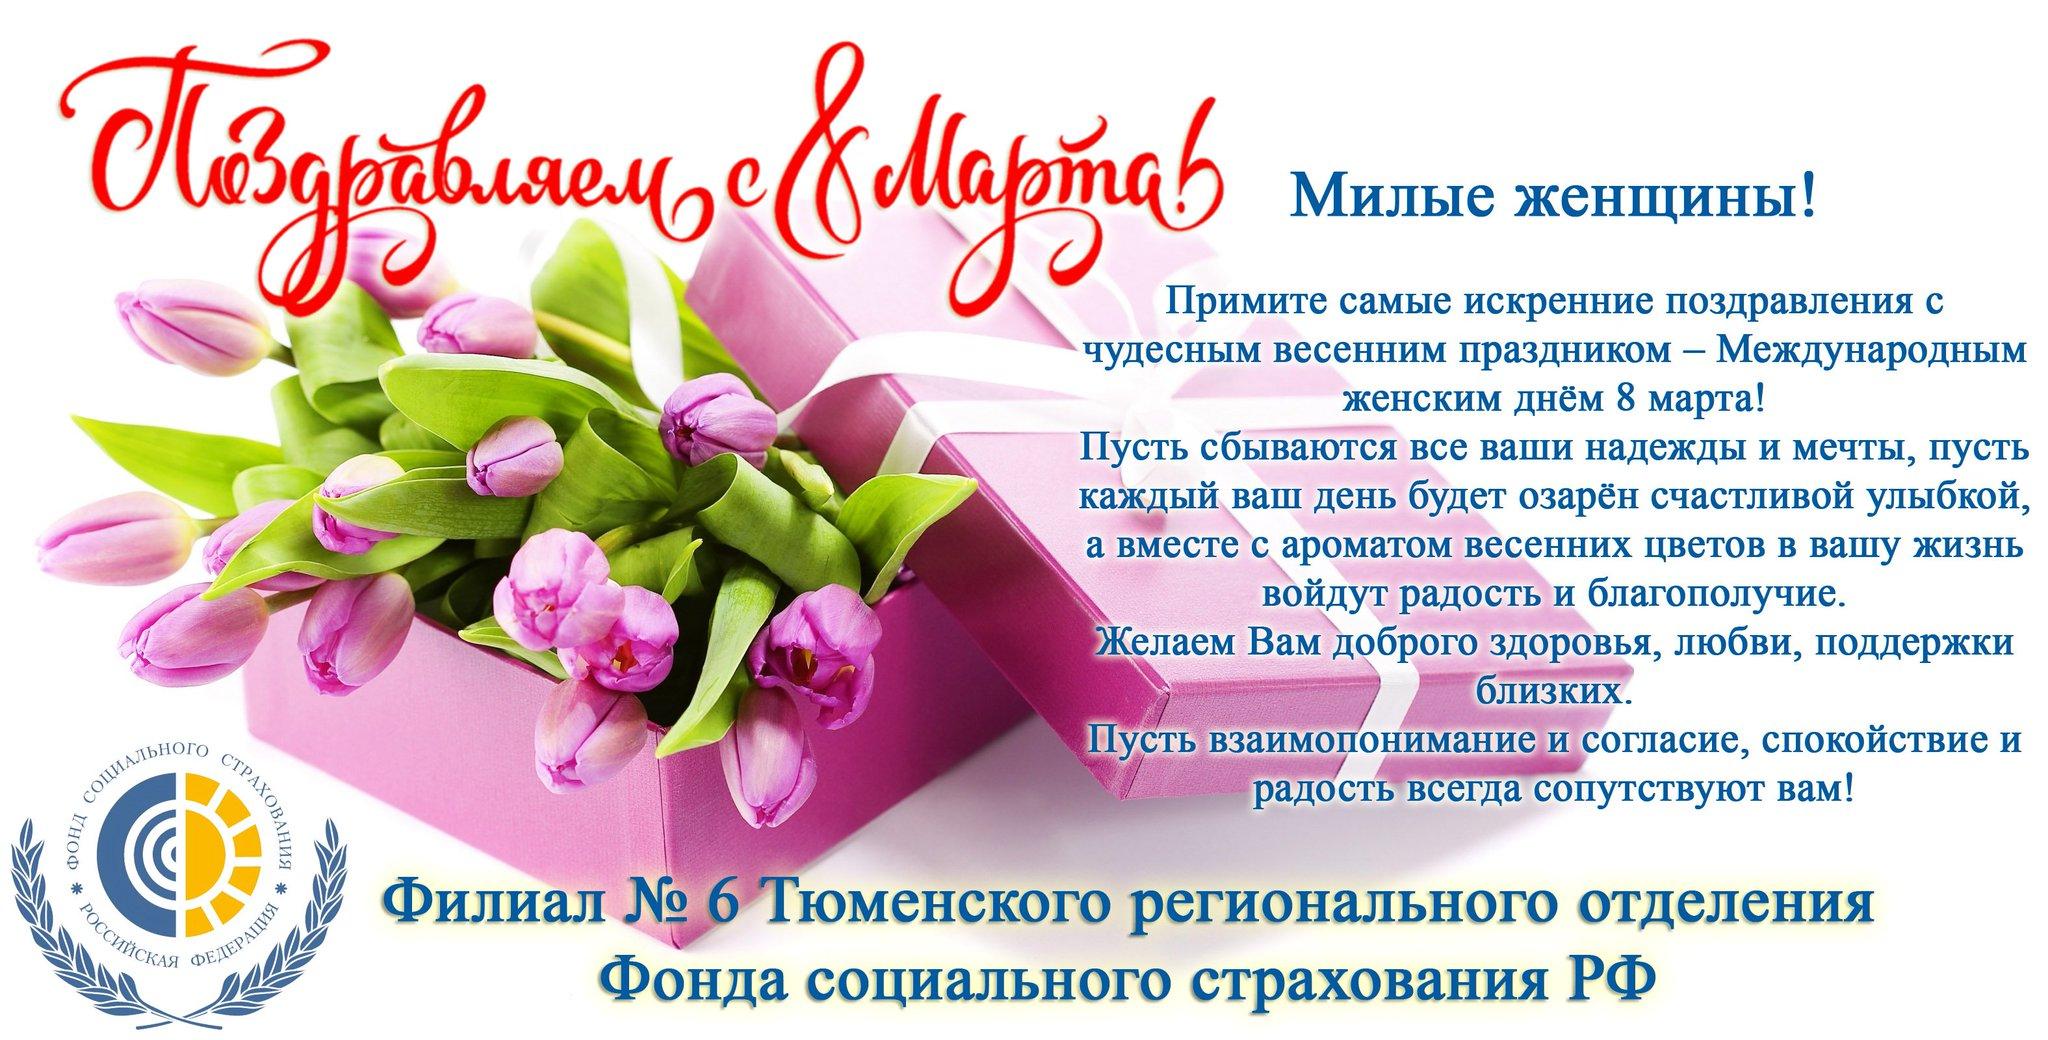 Примите наши искренние поздравления с международным женским днем